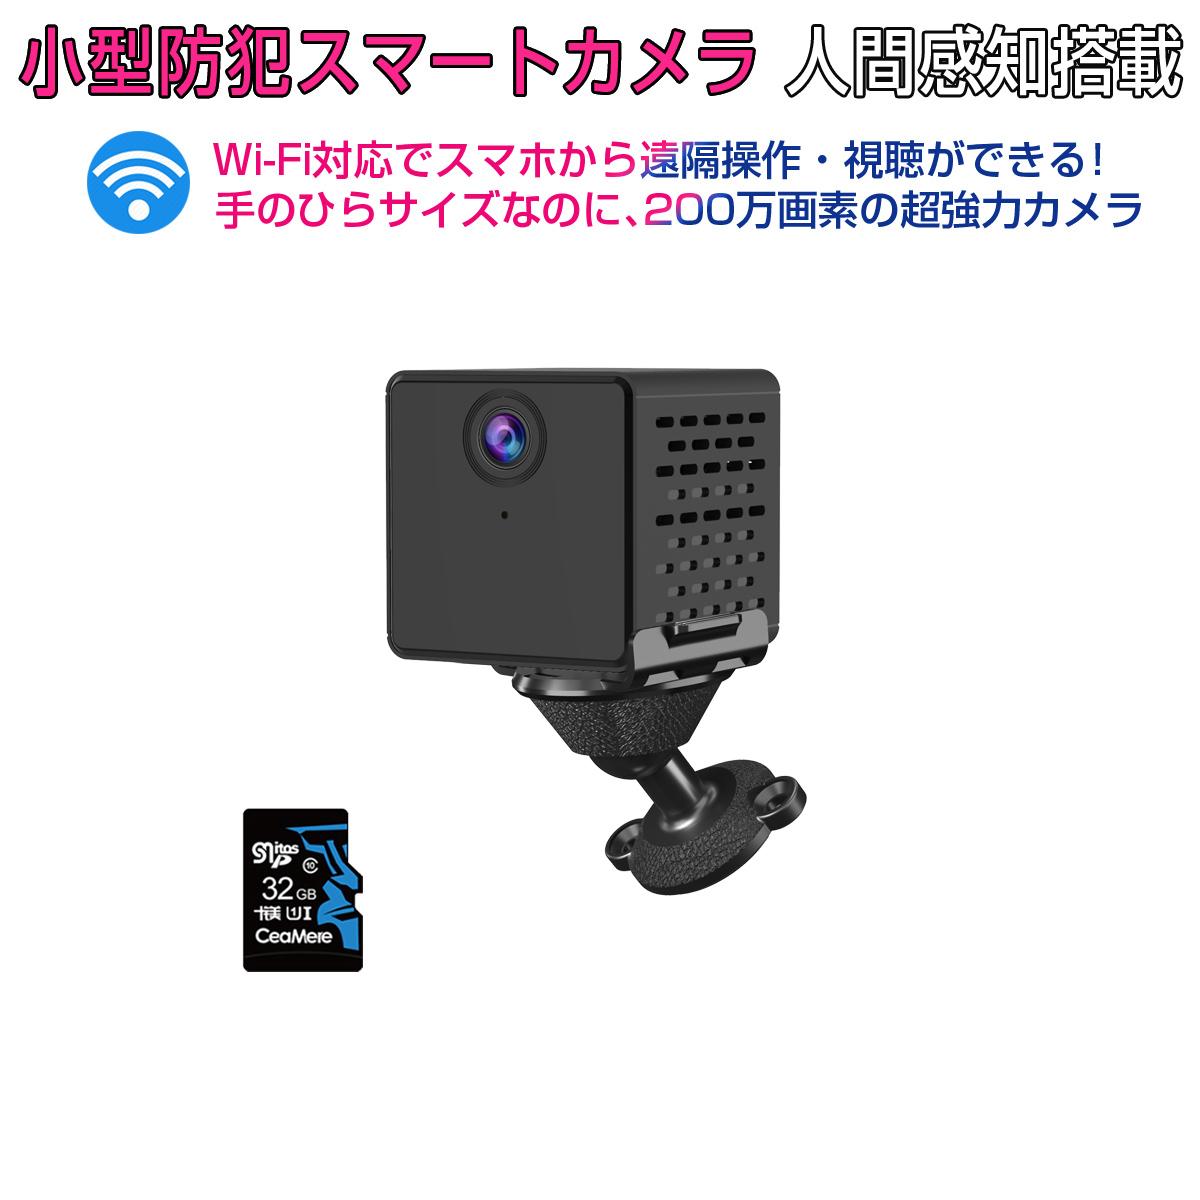 小型 防犯カメラ ワイヤレス CB73 SDカード32GB同梱モデル VStarcam フルHD 2K 1080P 200万画素 高画質 wifi 無線 録音 ネット環境なくても電源繋ぐだけ 遠隔監視 防犯 証拠 泥棒 浮気 横領 DV 恐喝 現場 IP カメラ 宅配便送料無料 6ヶ月保証